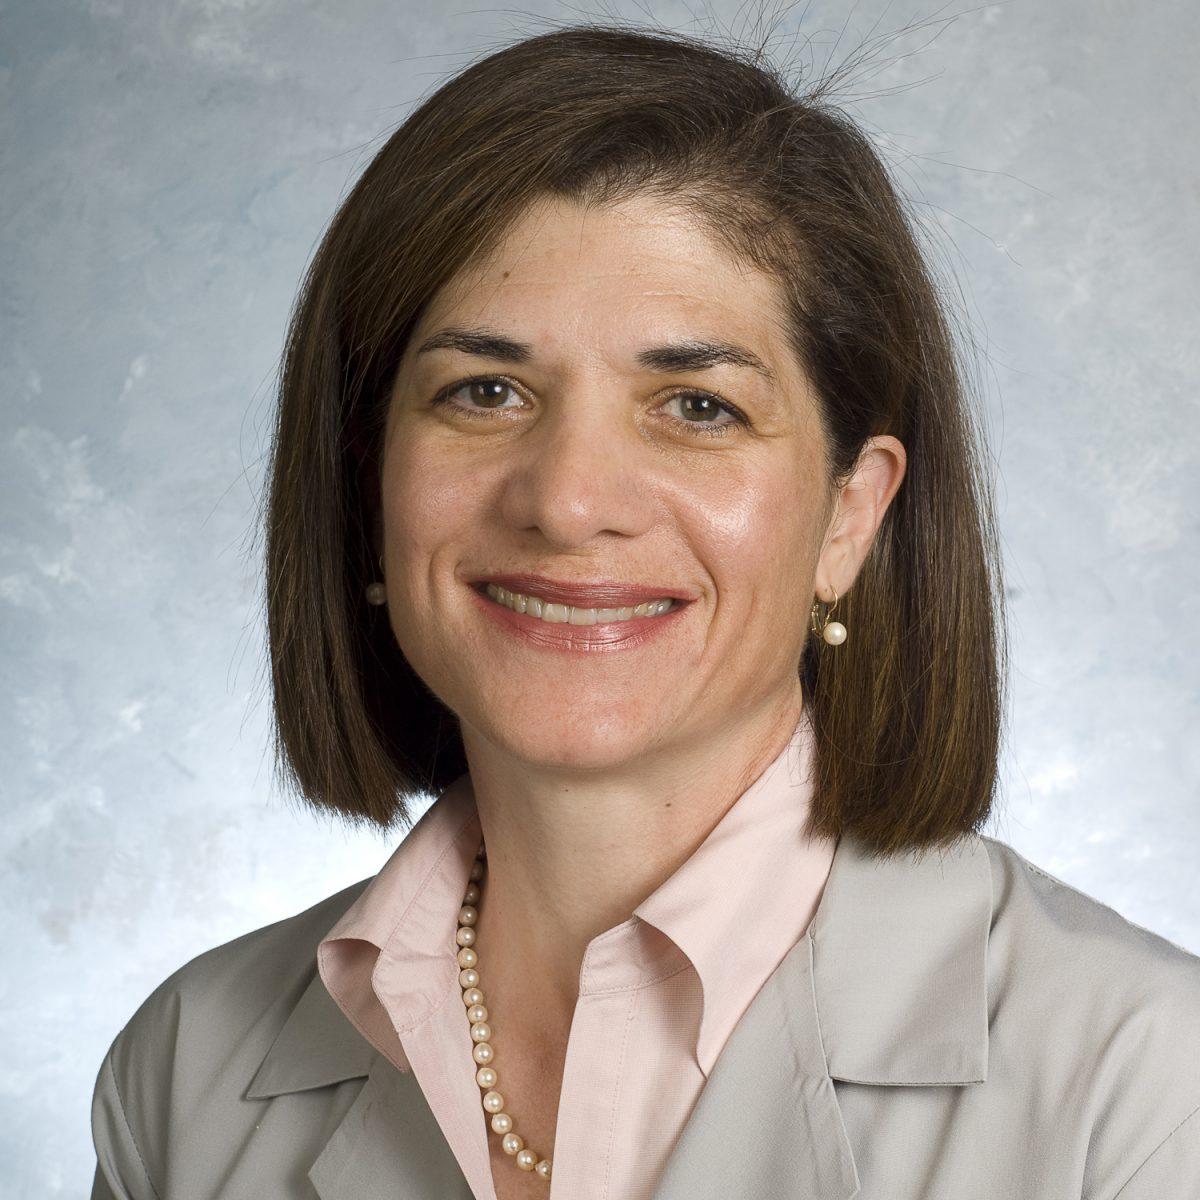 Julie Holland, '89 MD